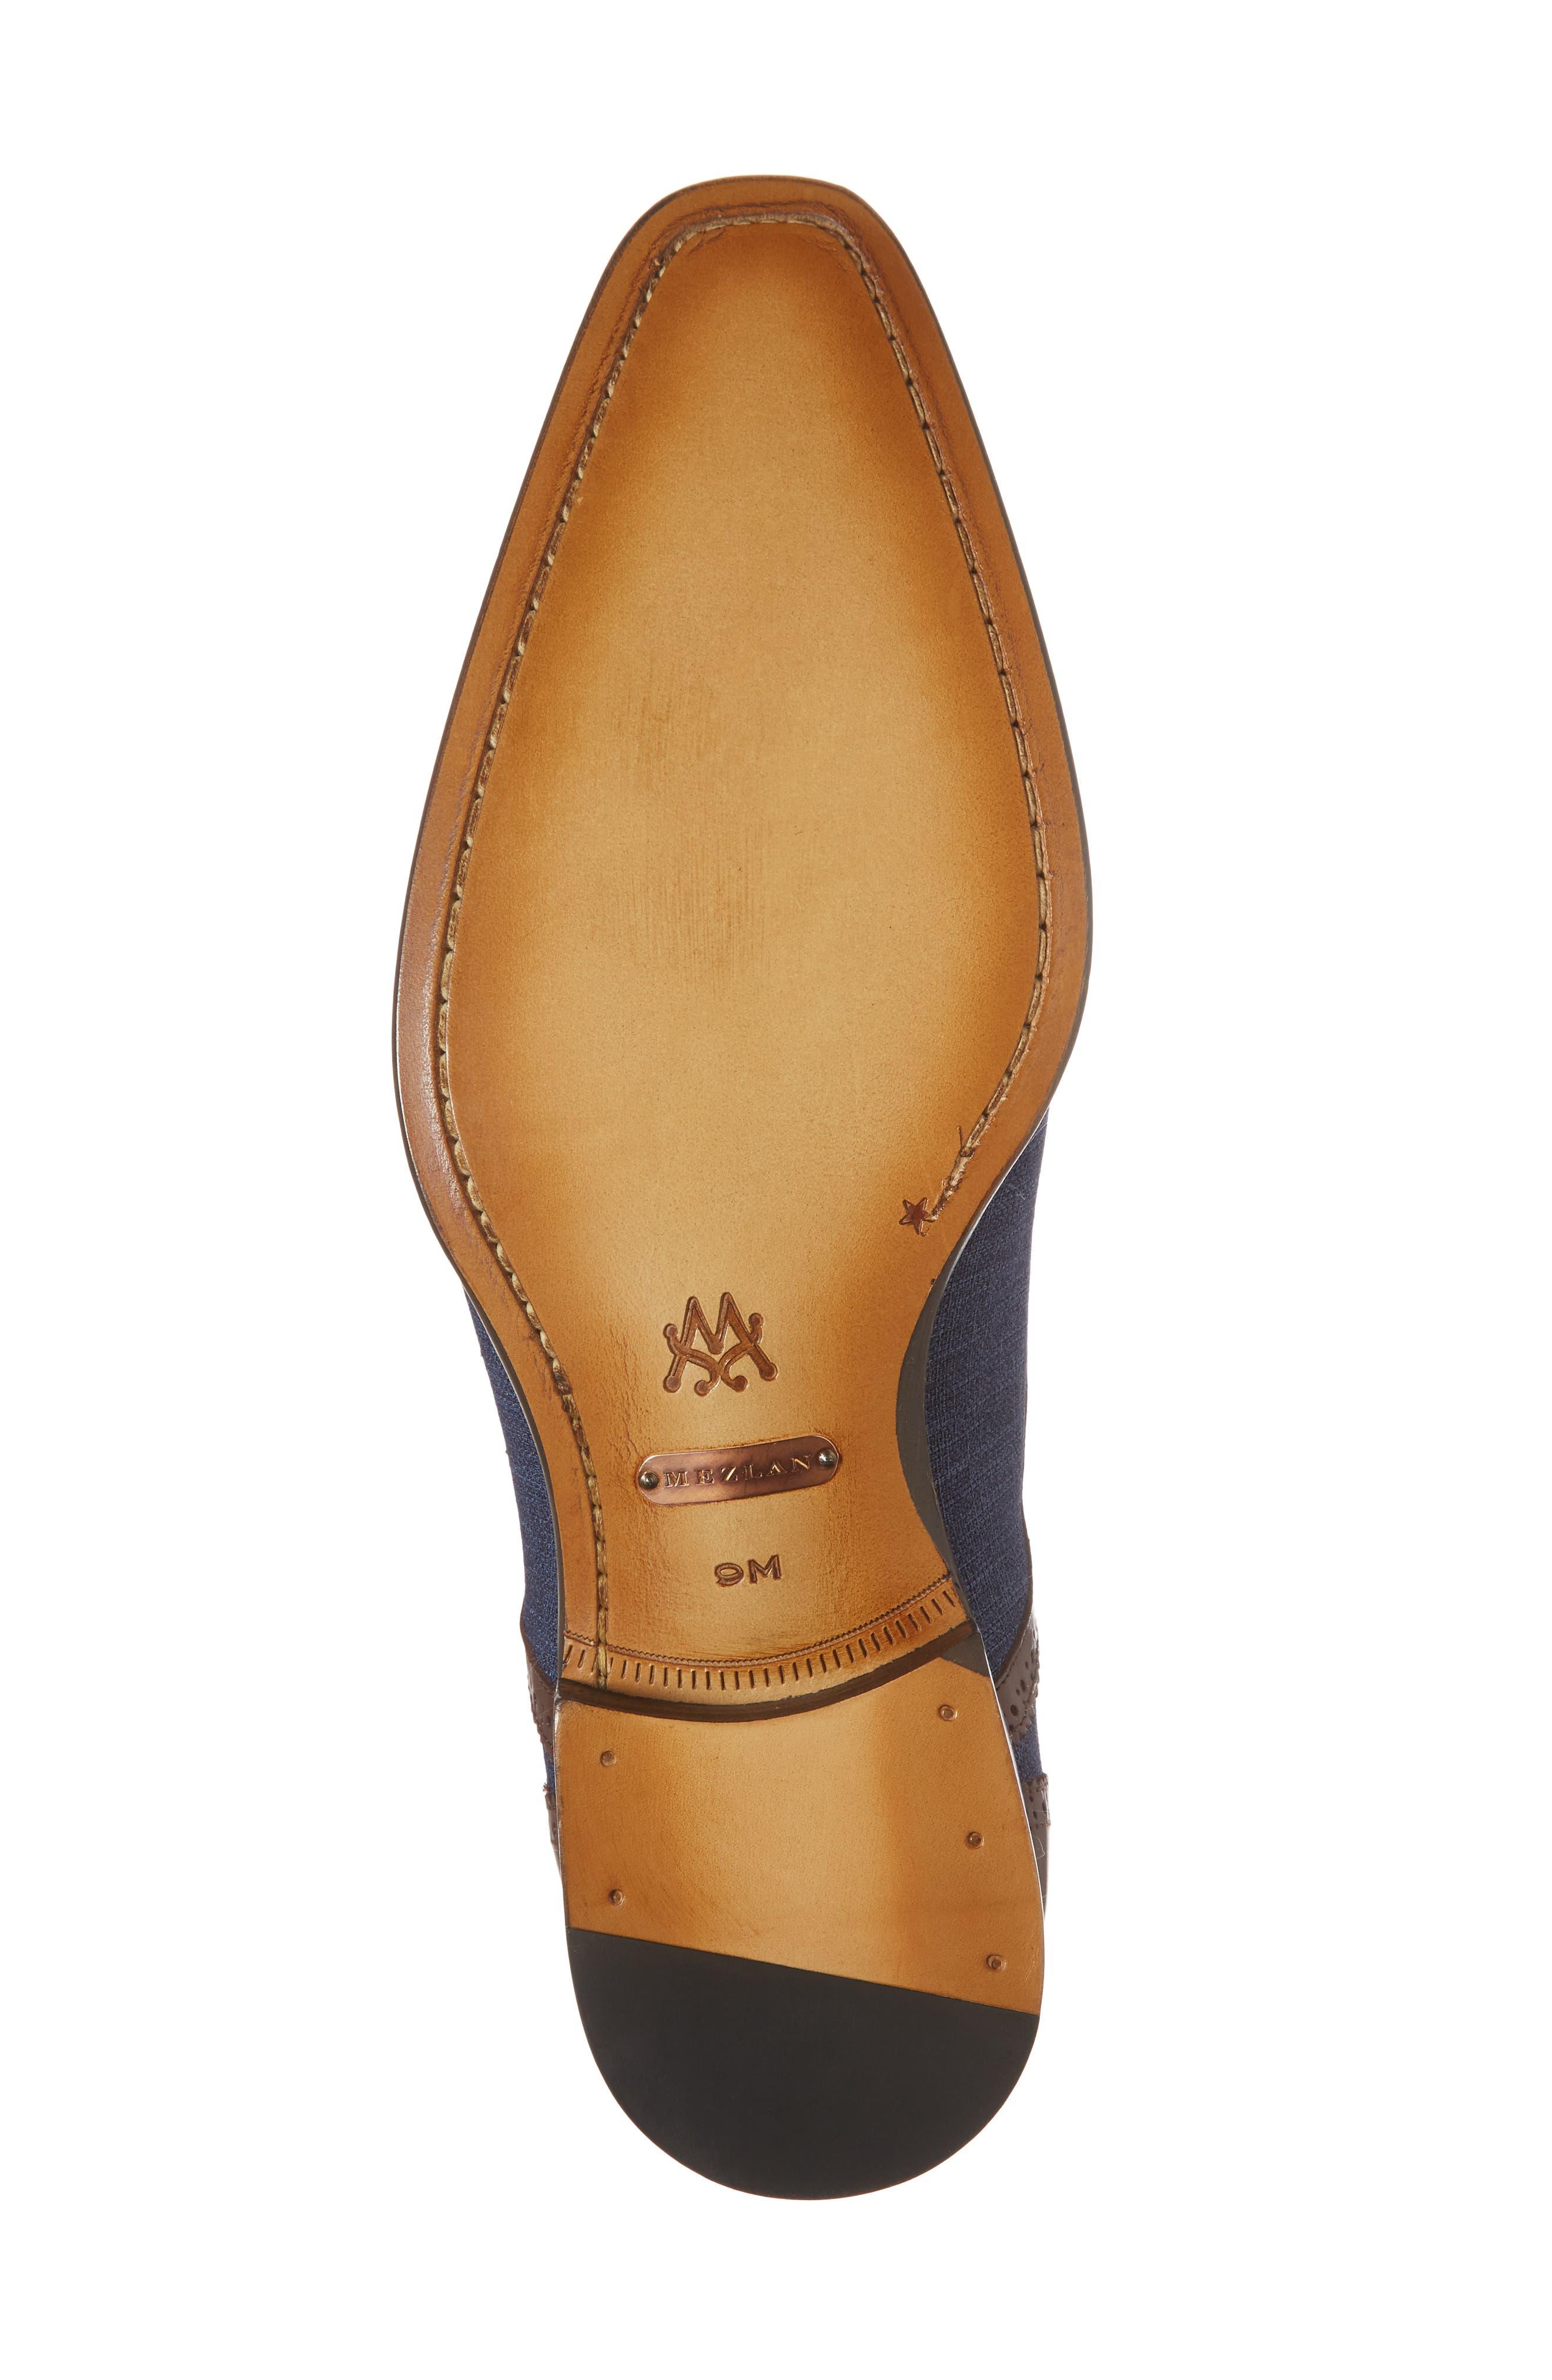 Cupido Double Monk Strap Cap Toe Shoe,                             Alternate thumbnail 6, color,                             Brown/ Blue Leather